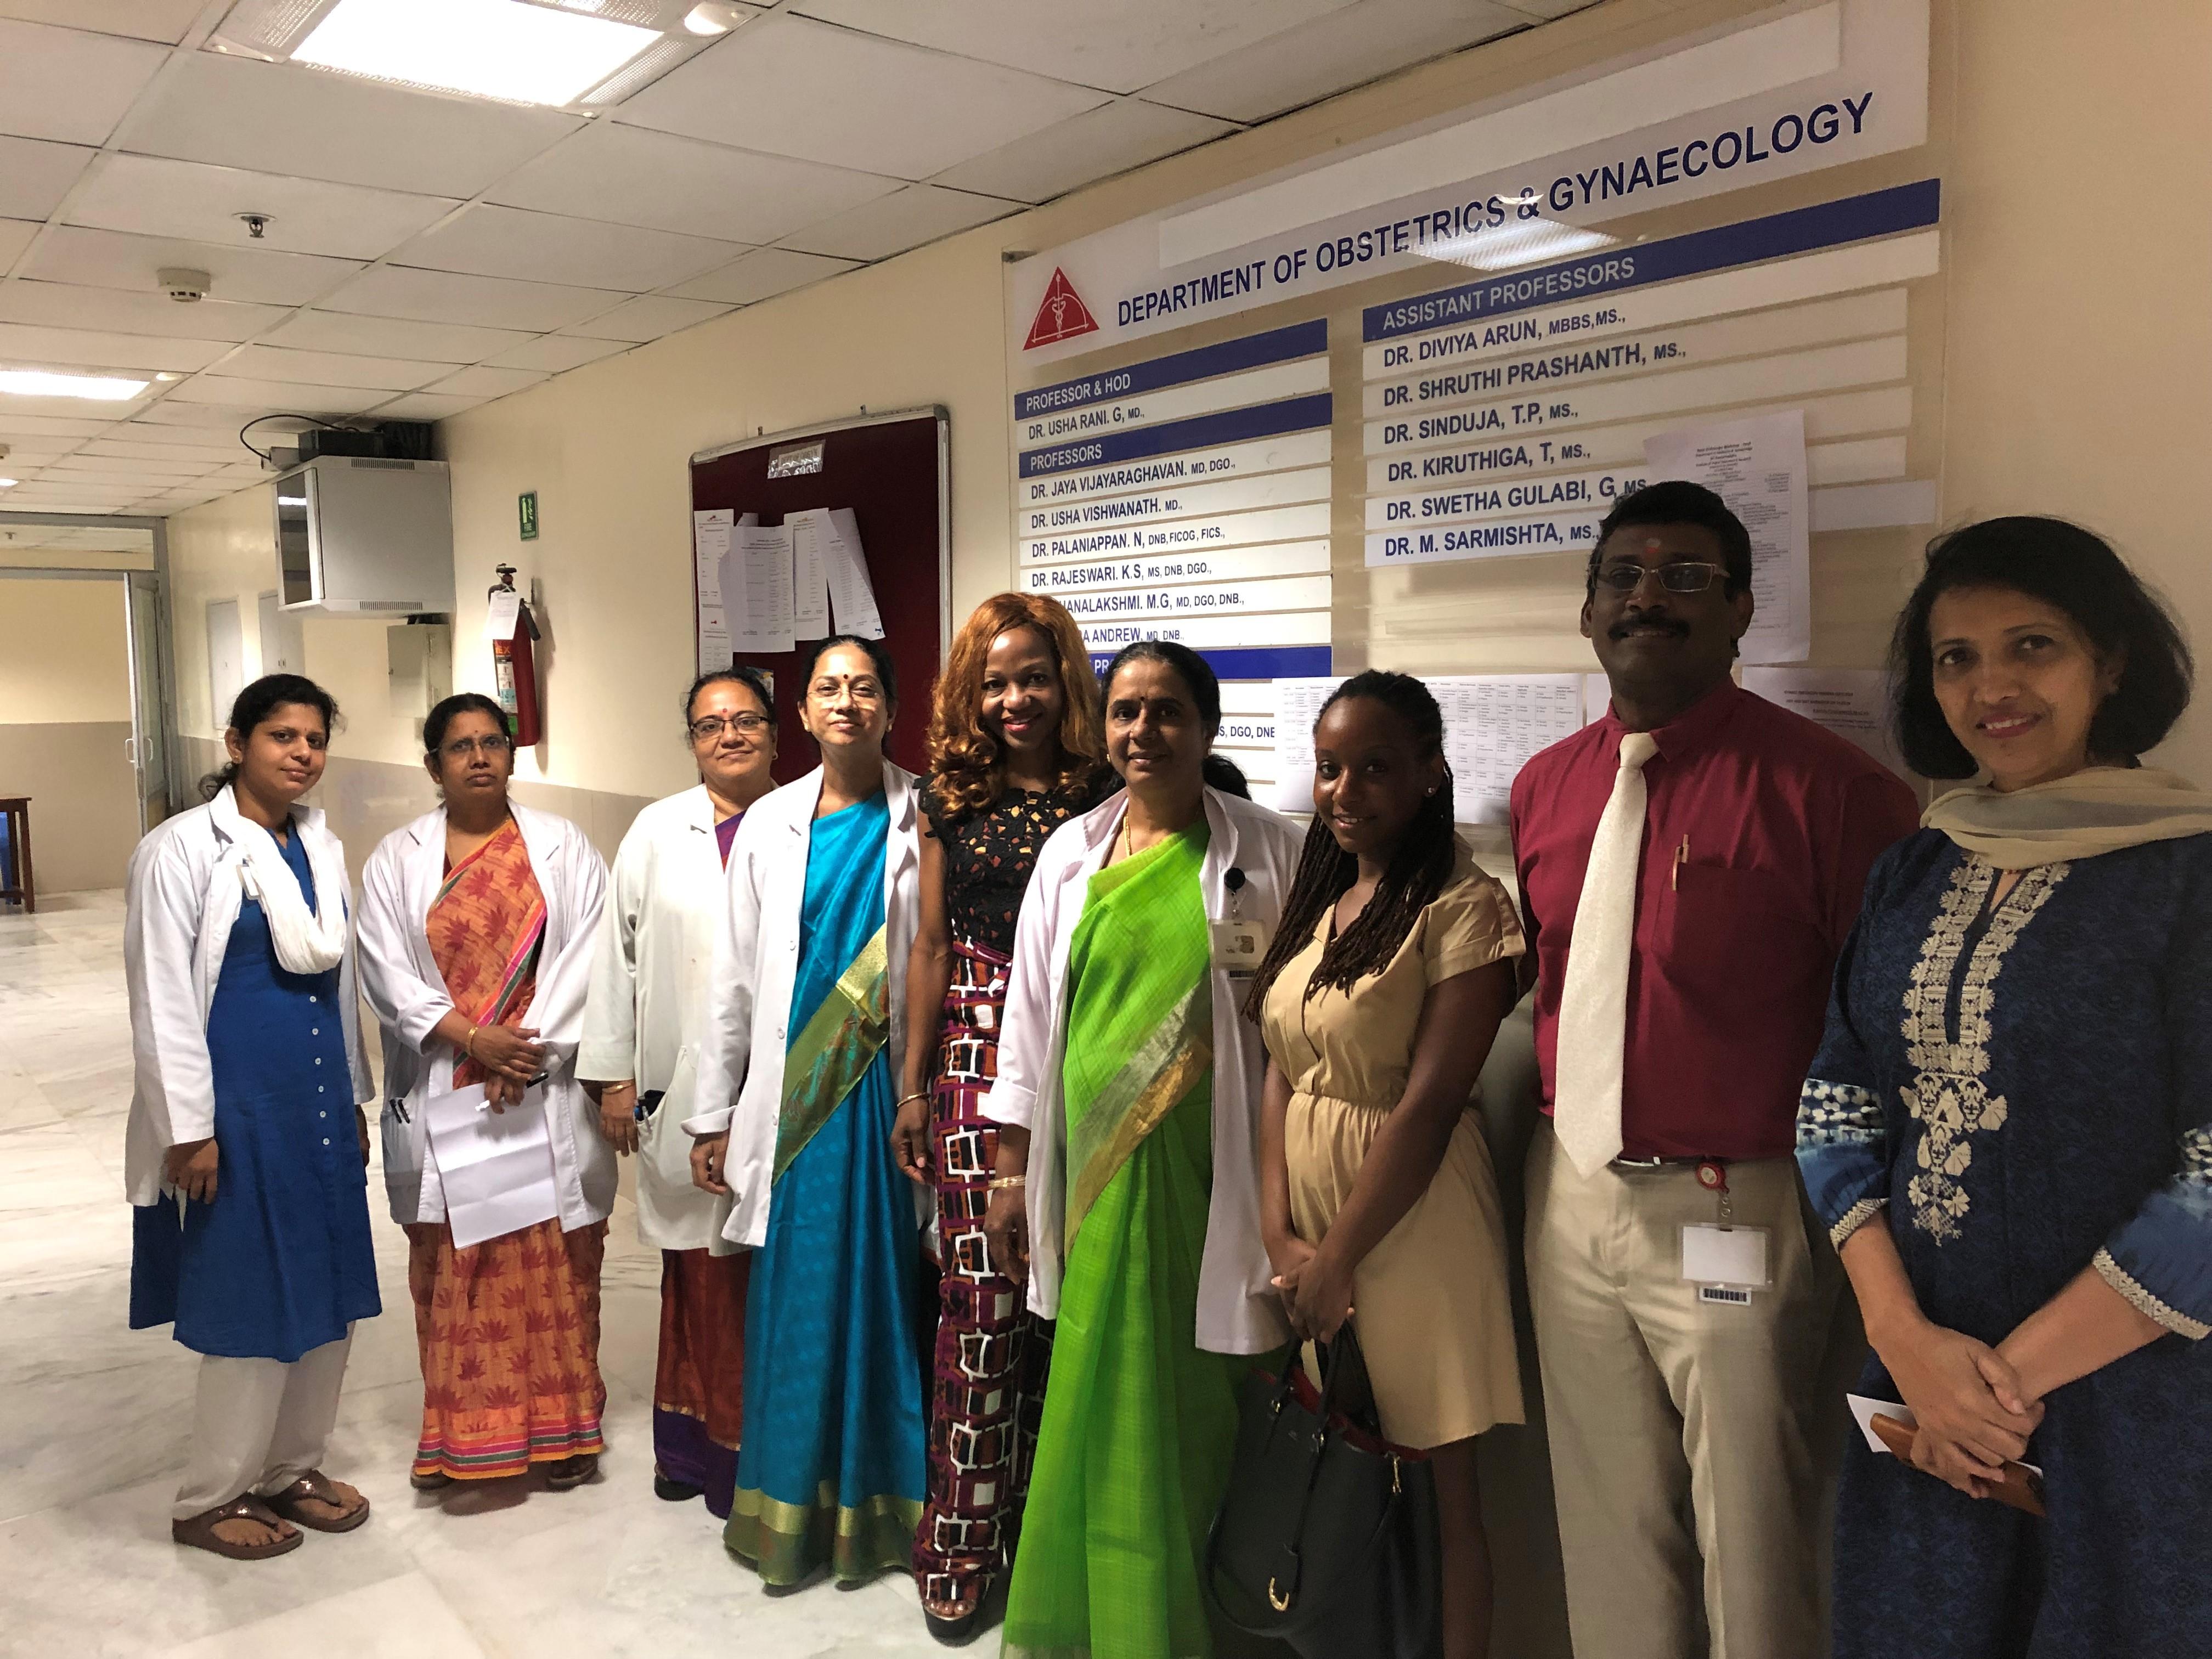 india hospital group